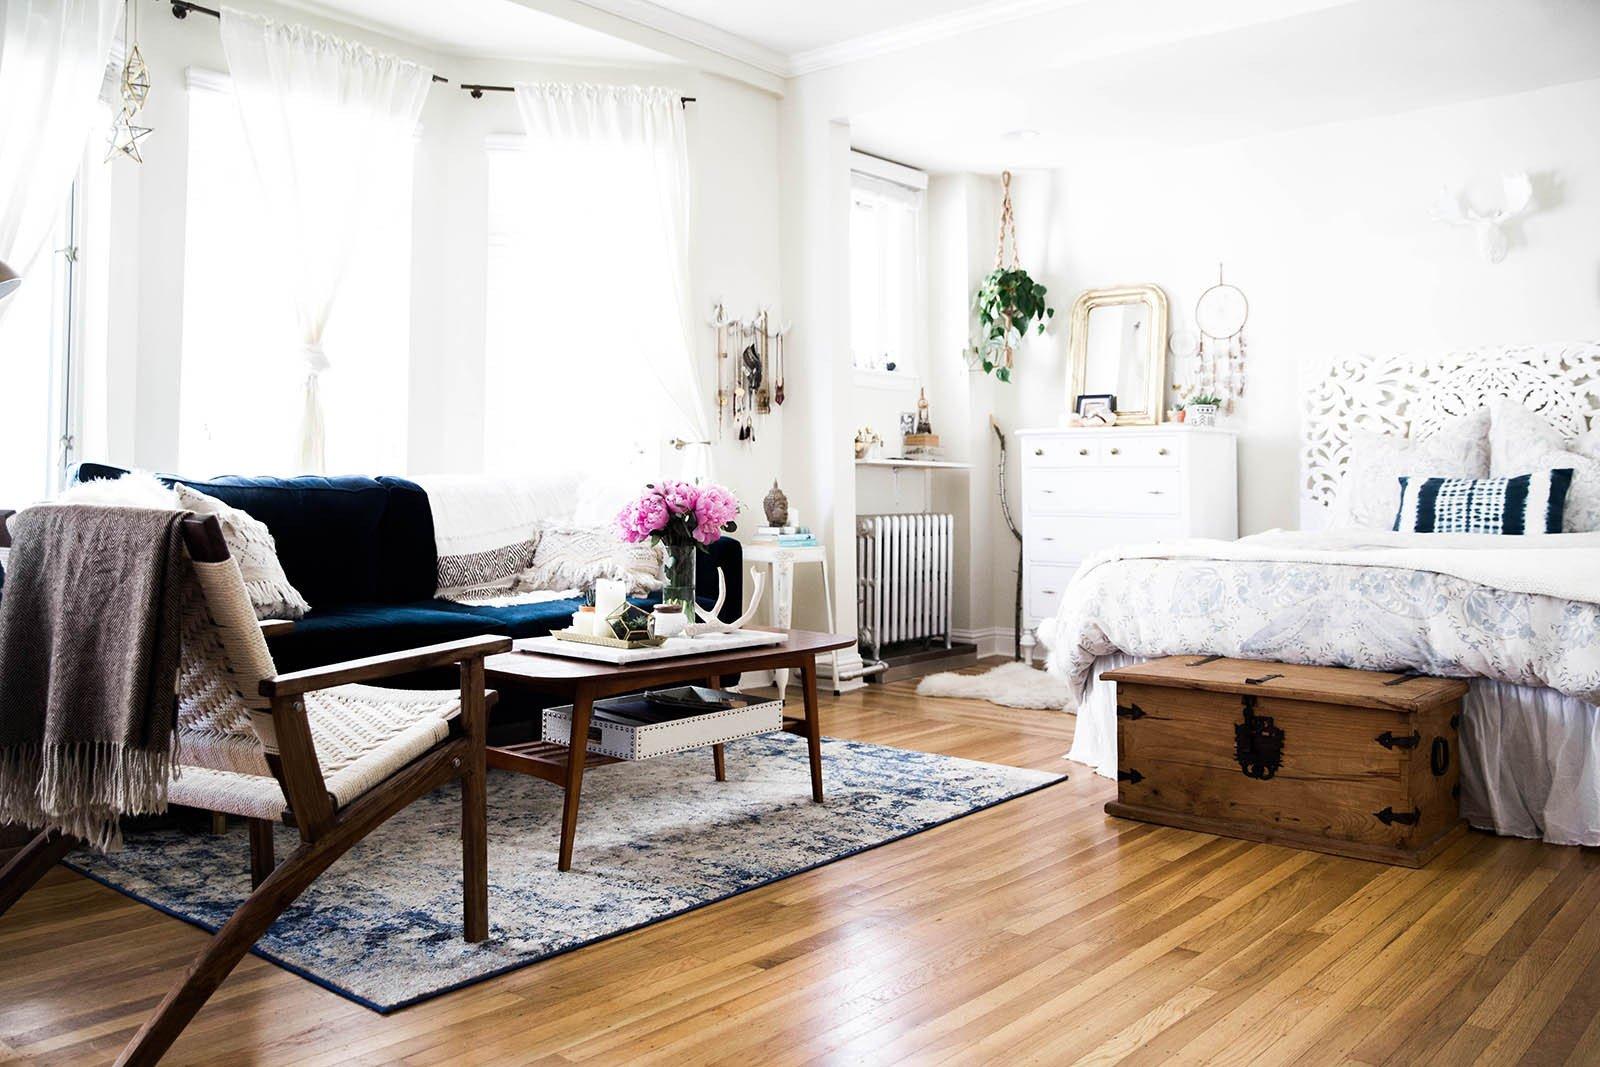 Decor Ideas for Studio Apartments Elegant A tour Of My San Francisco Studio Apartment